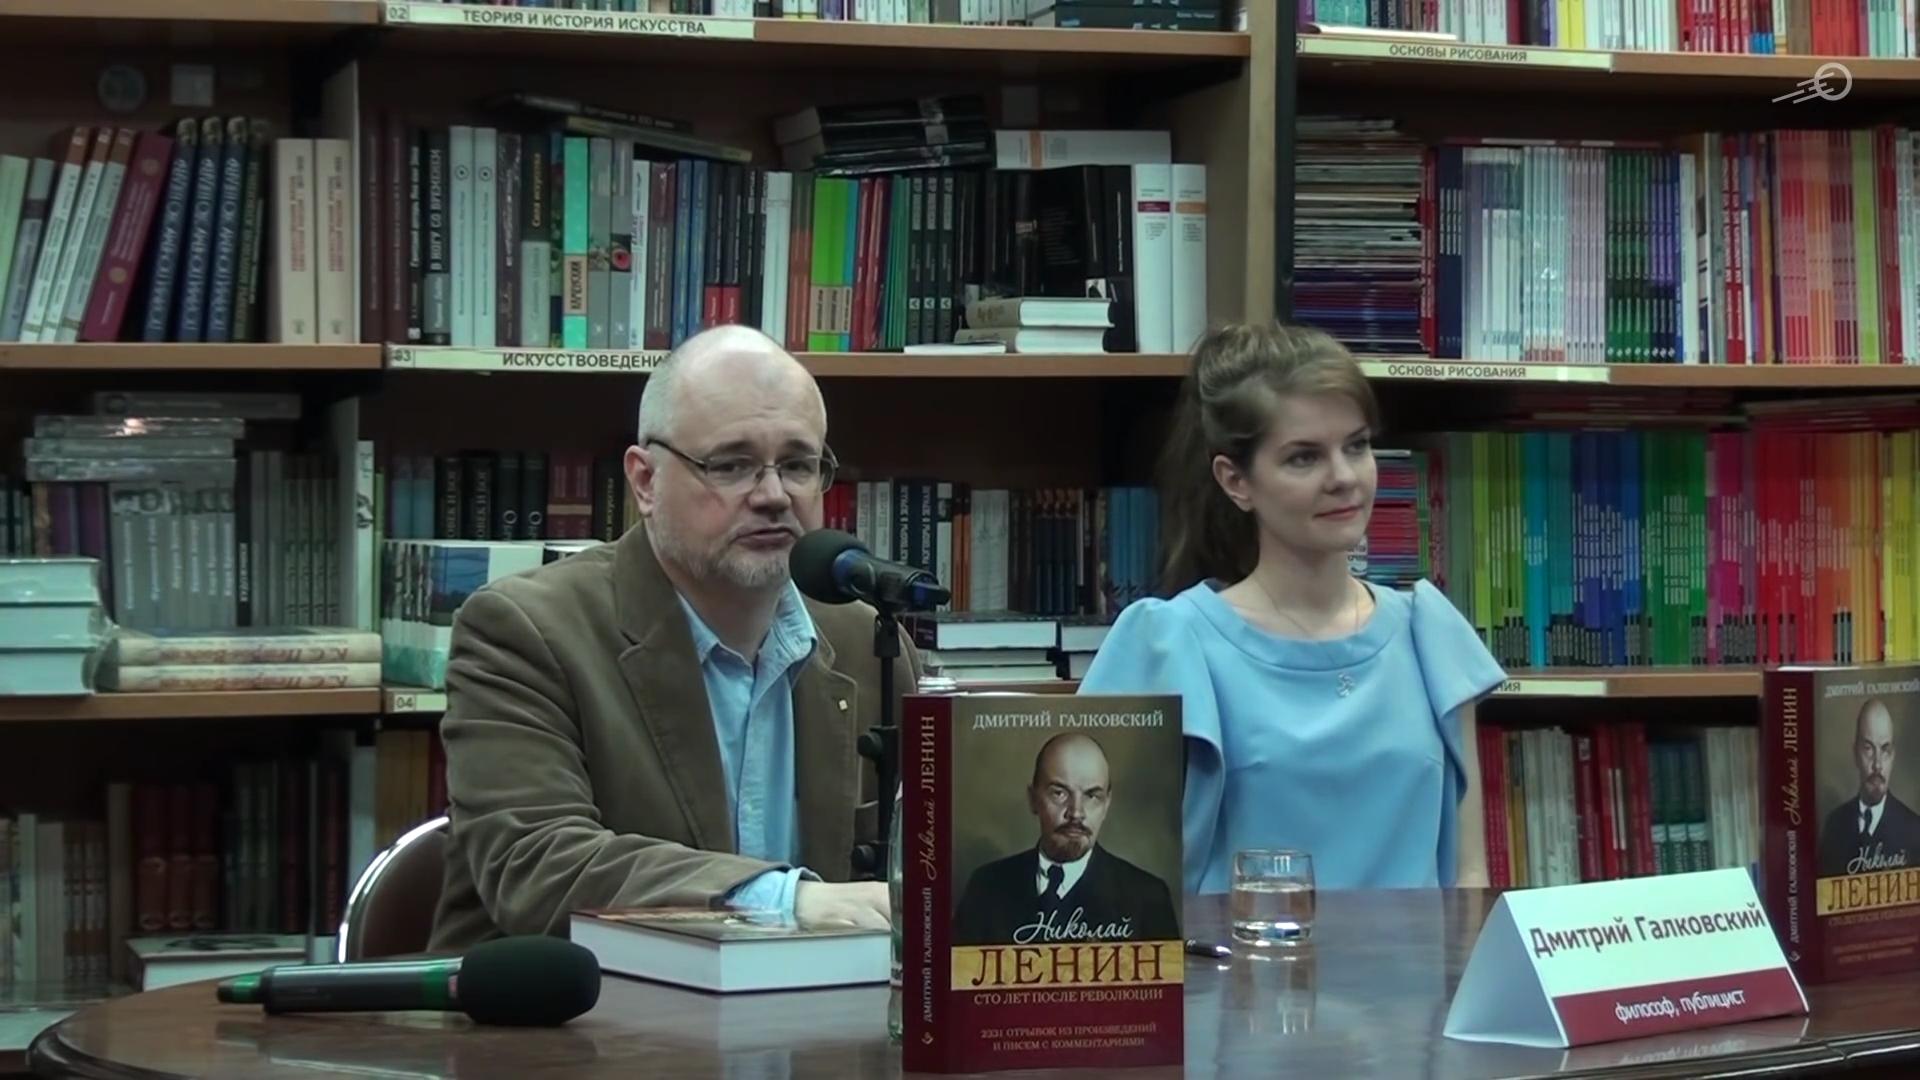 Дмитрий Галковский: встреча с читателями